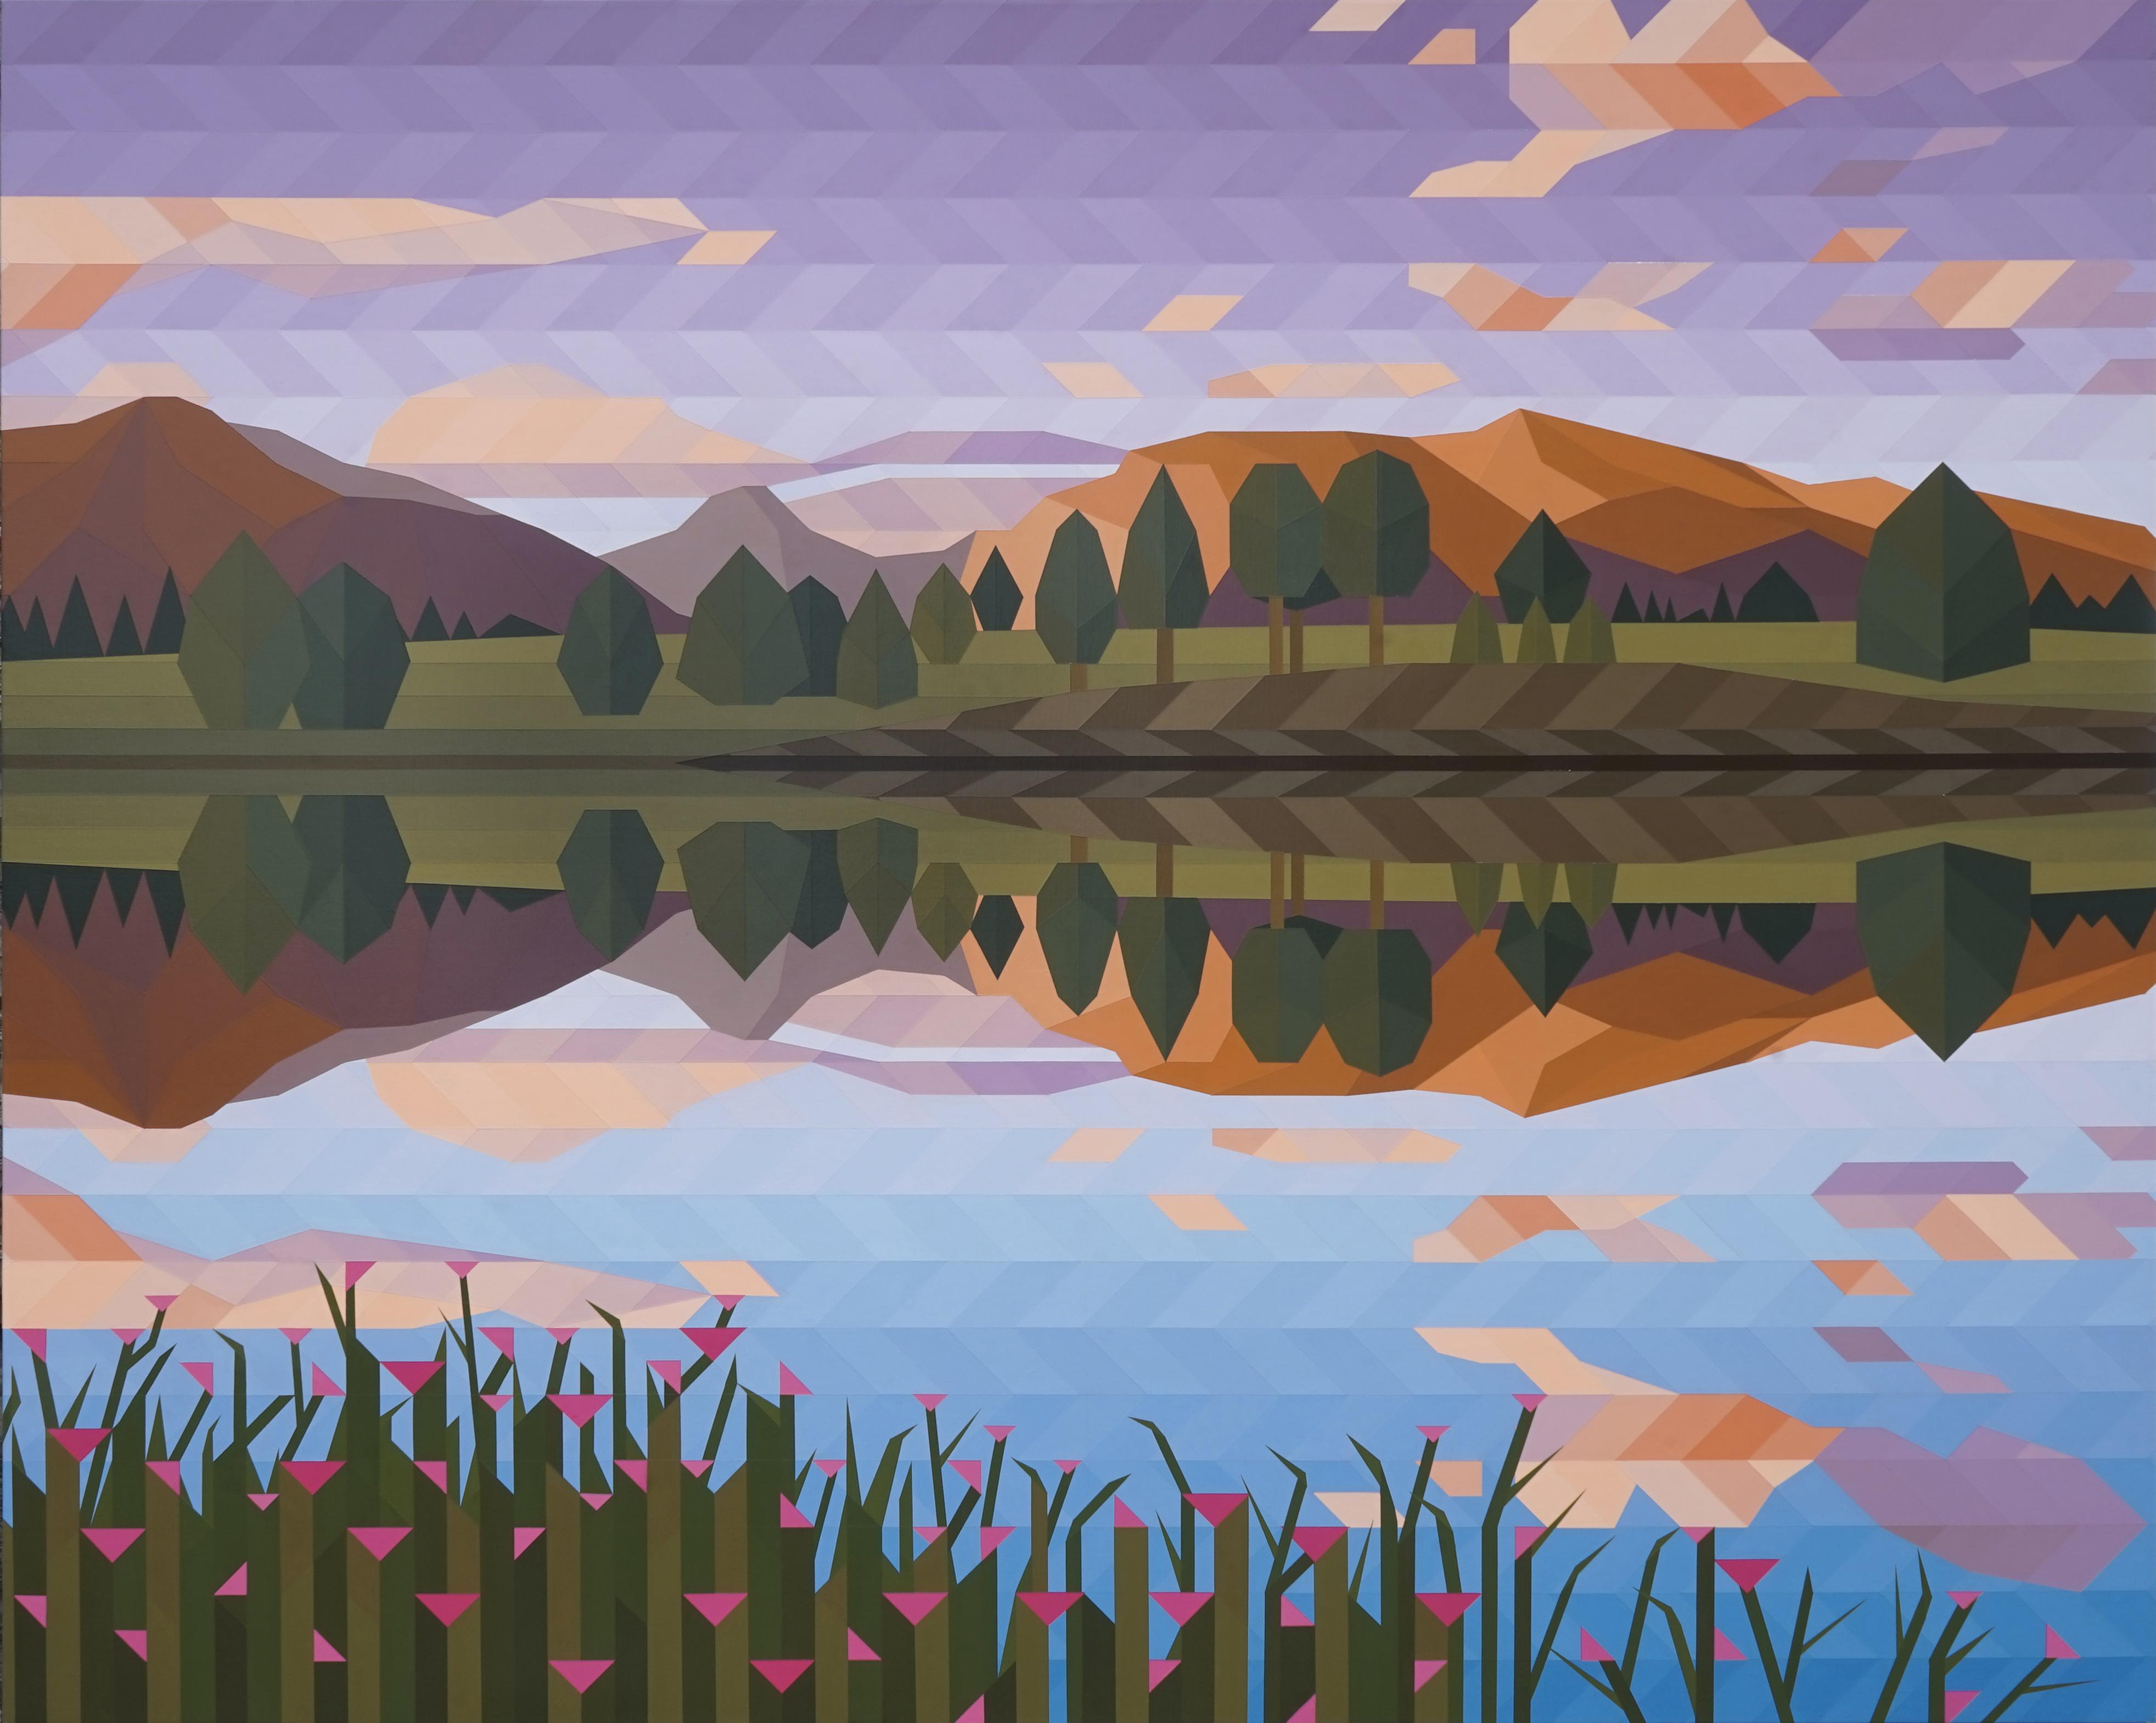 전영진, Painting for painting 18no03